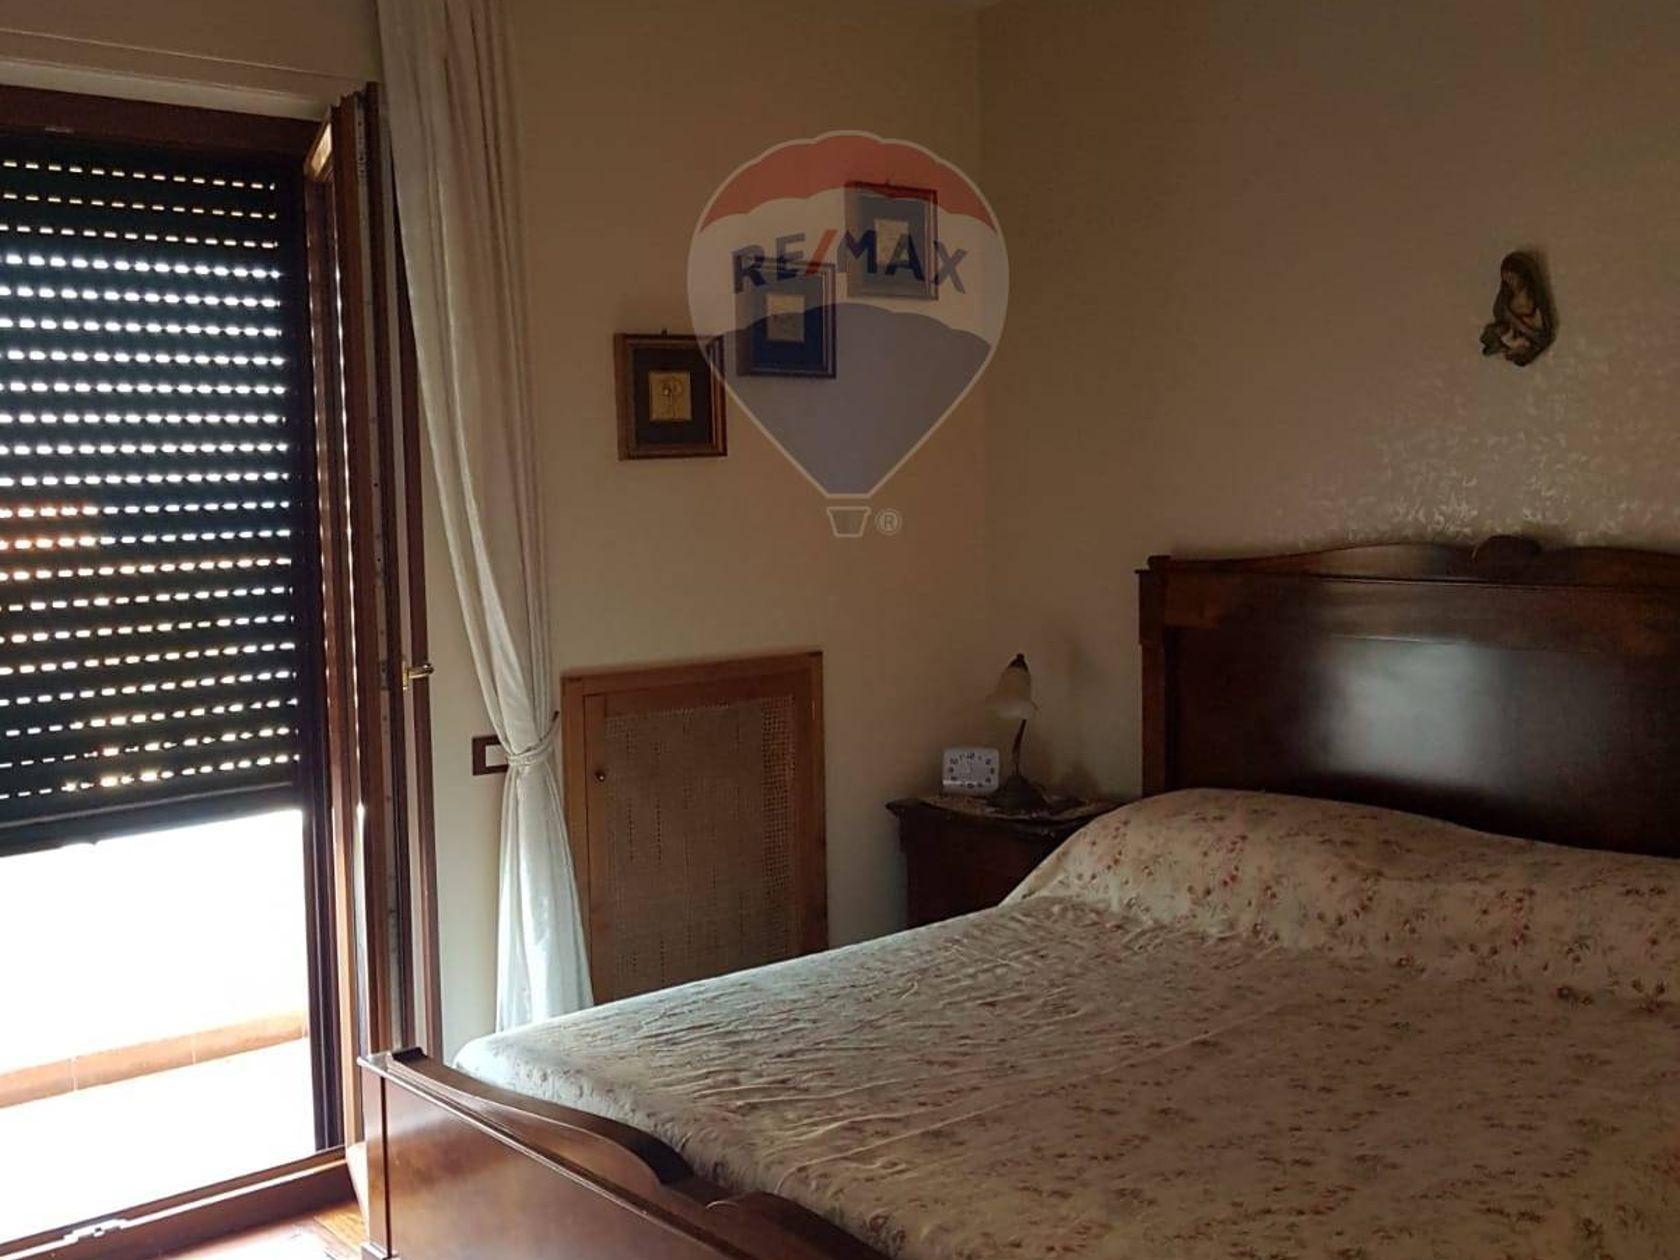 Attico/Mansarda Anzio-centro, Anzio, RM Vendita - Foto 19